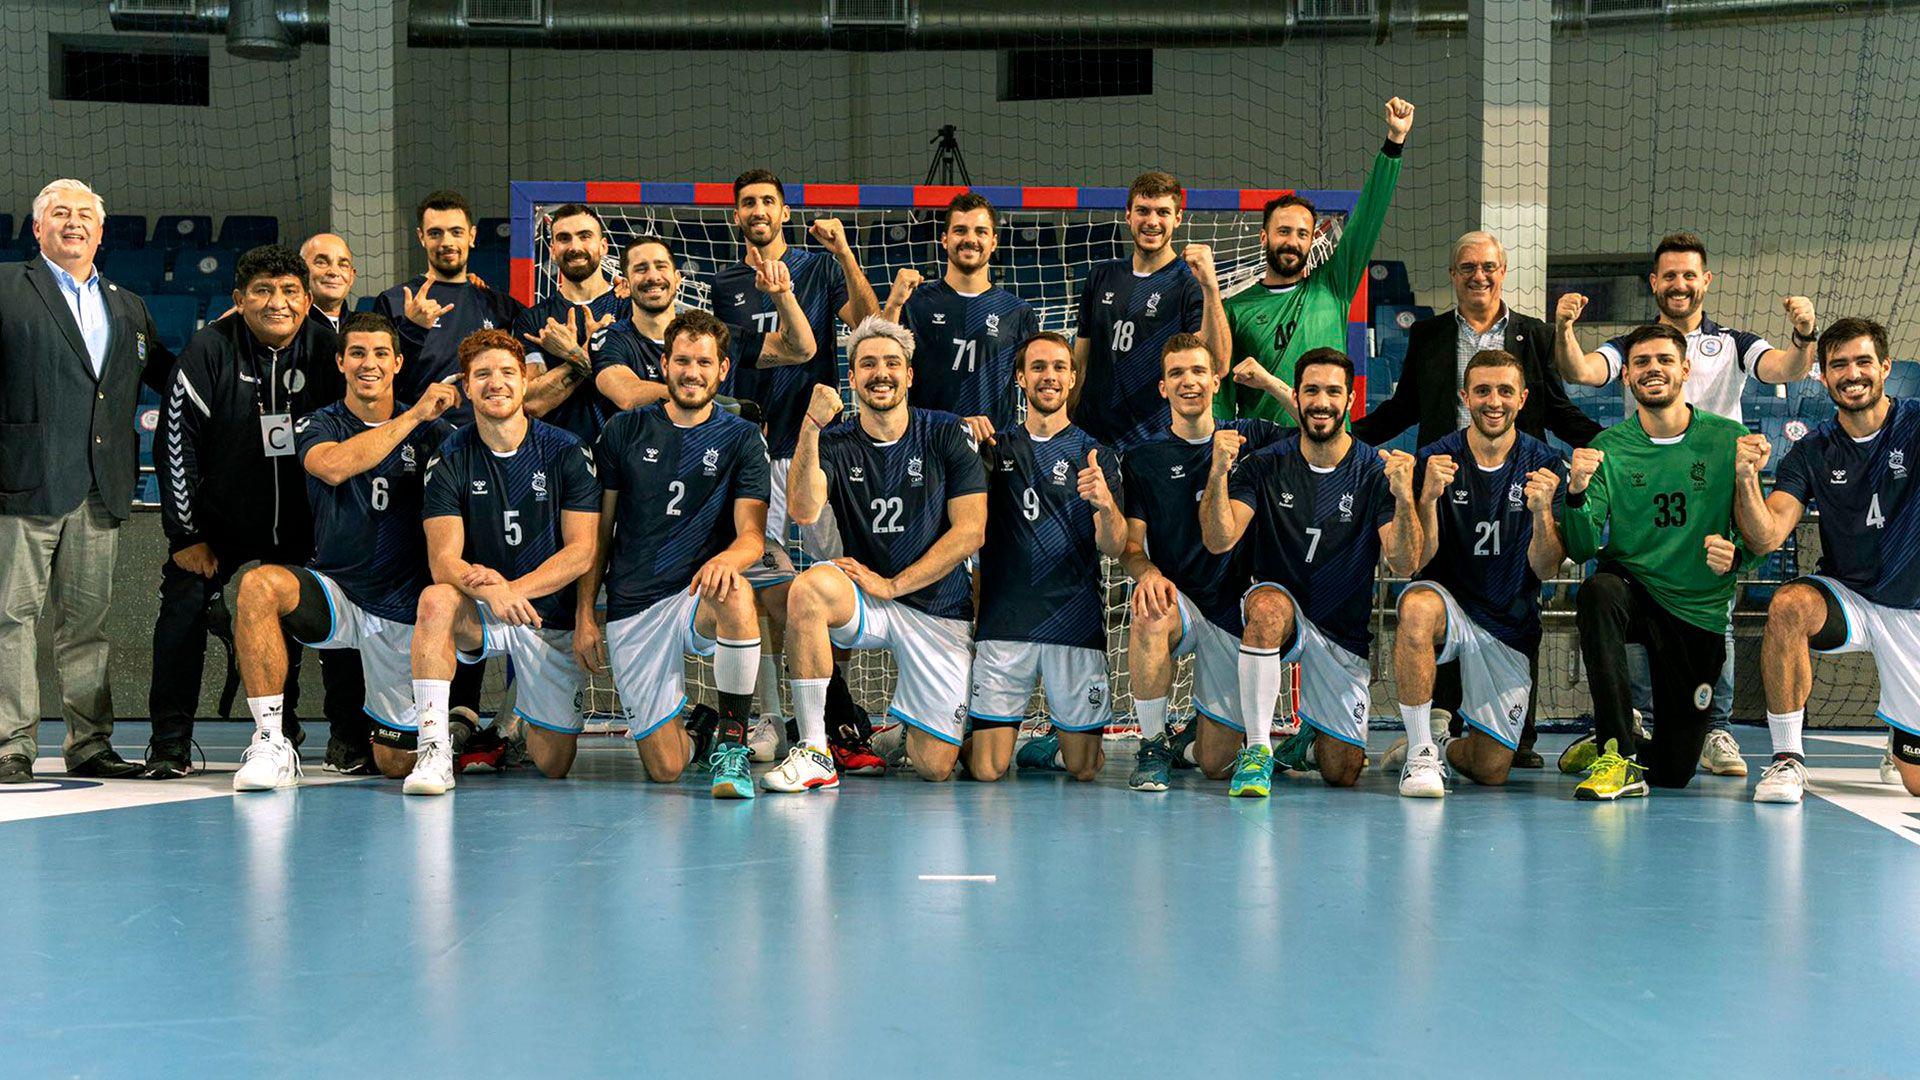 seleccion argentina mundial handball 2021